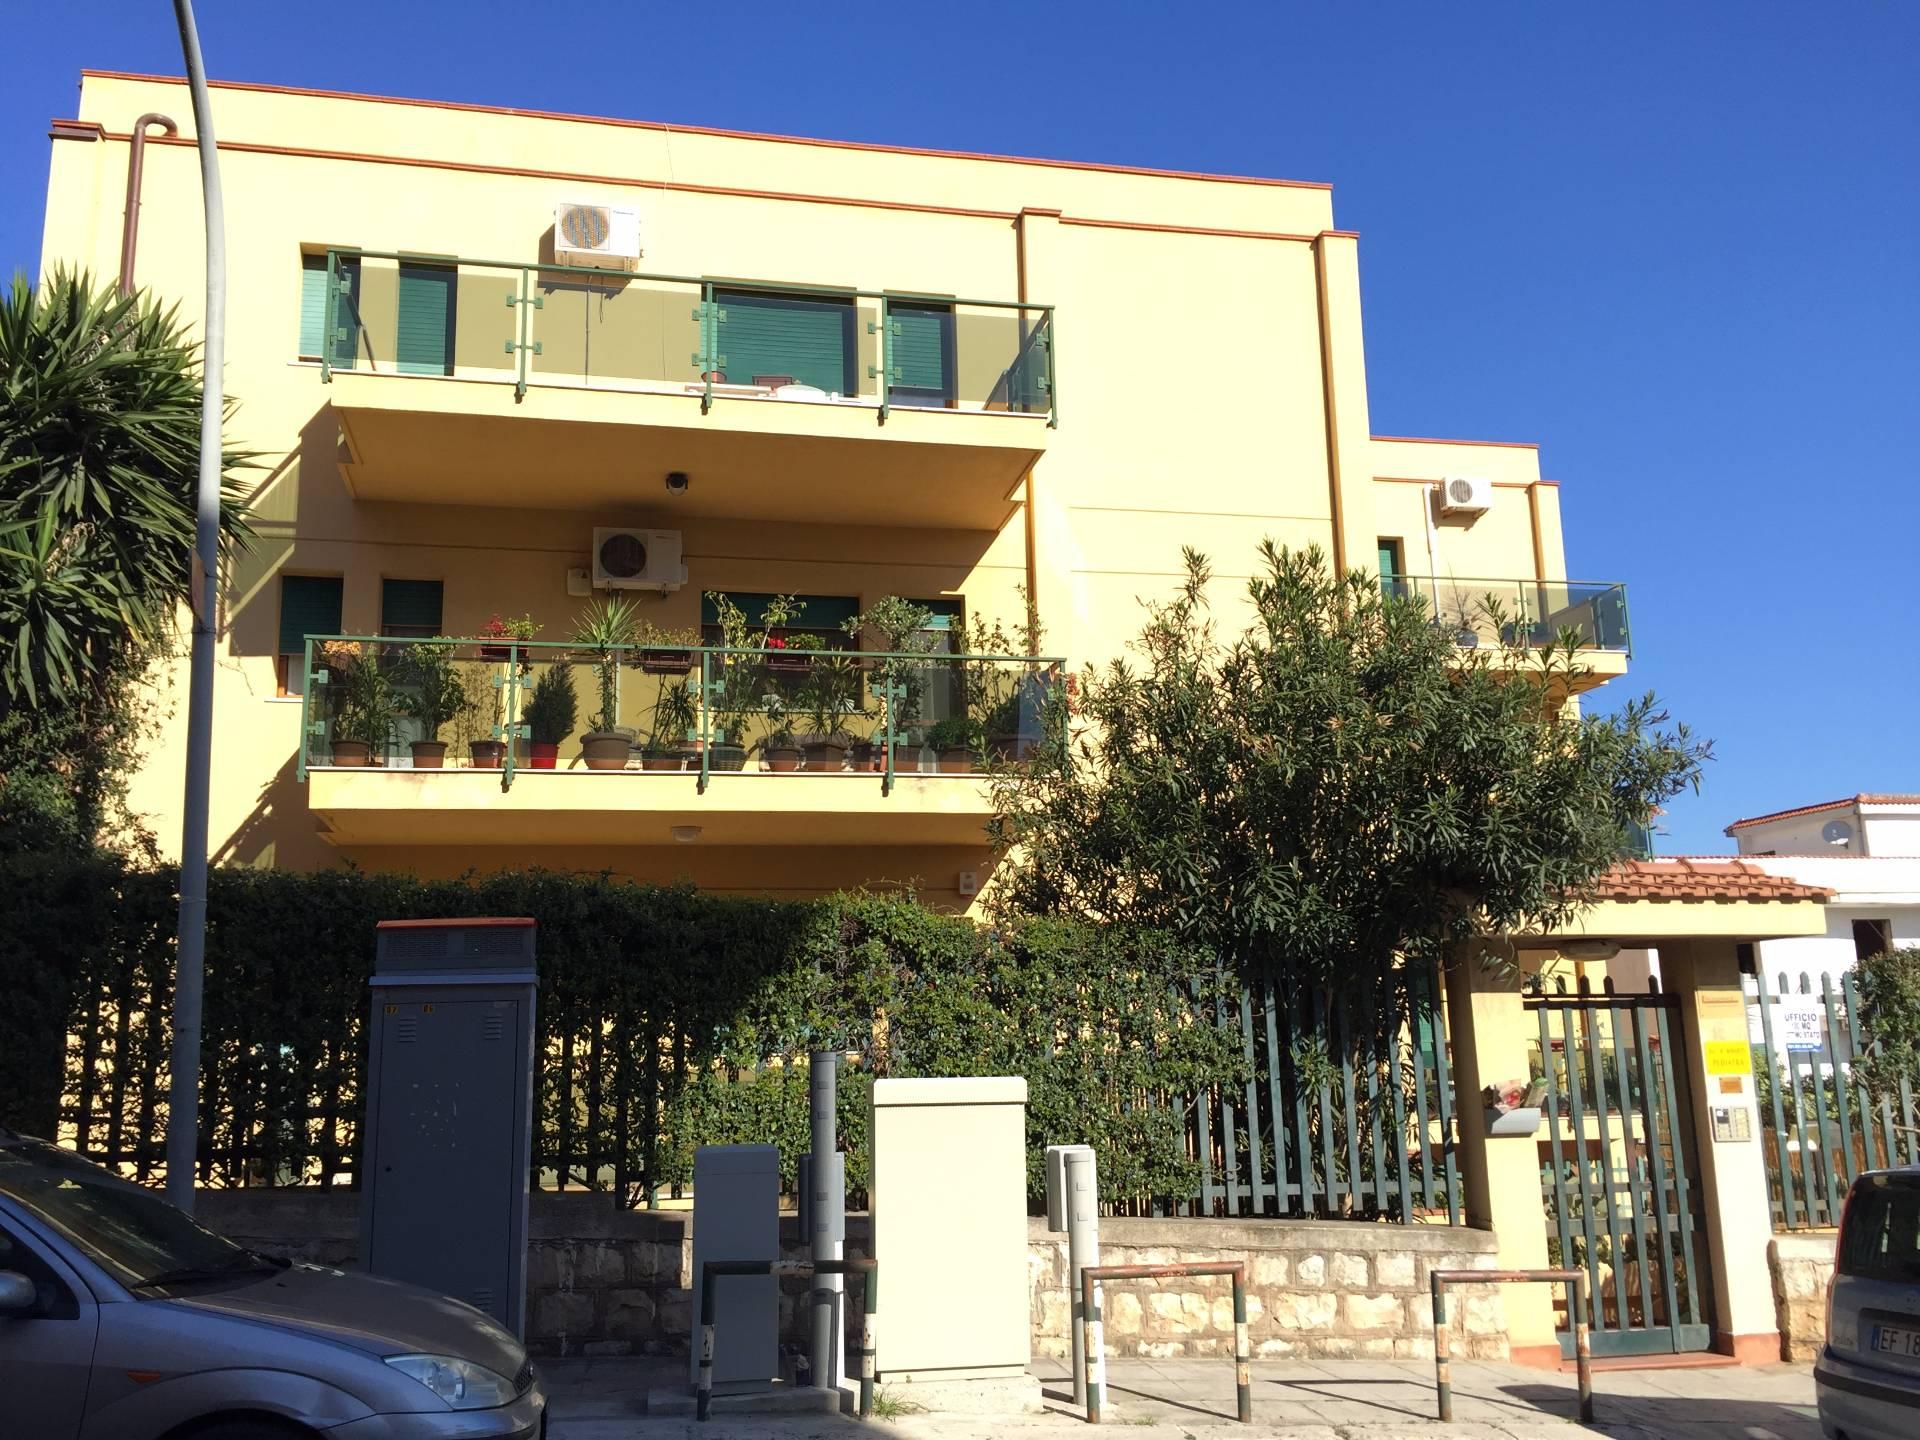 Ufficio / Studio in vendita a Palermo, 9999 locali, zona Località: Cardillo, prezzo € 98.000 | Cambio Casa.it